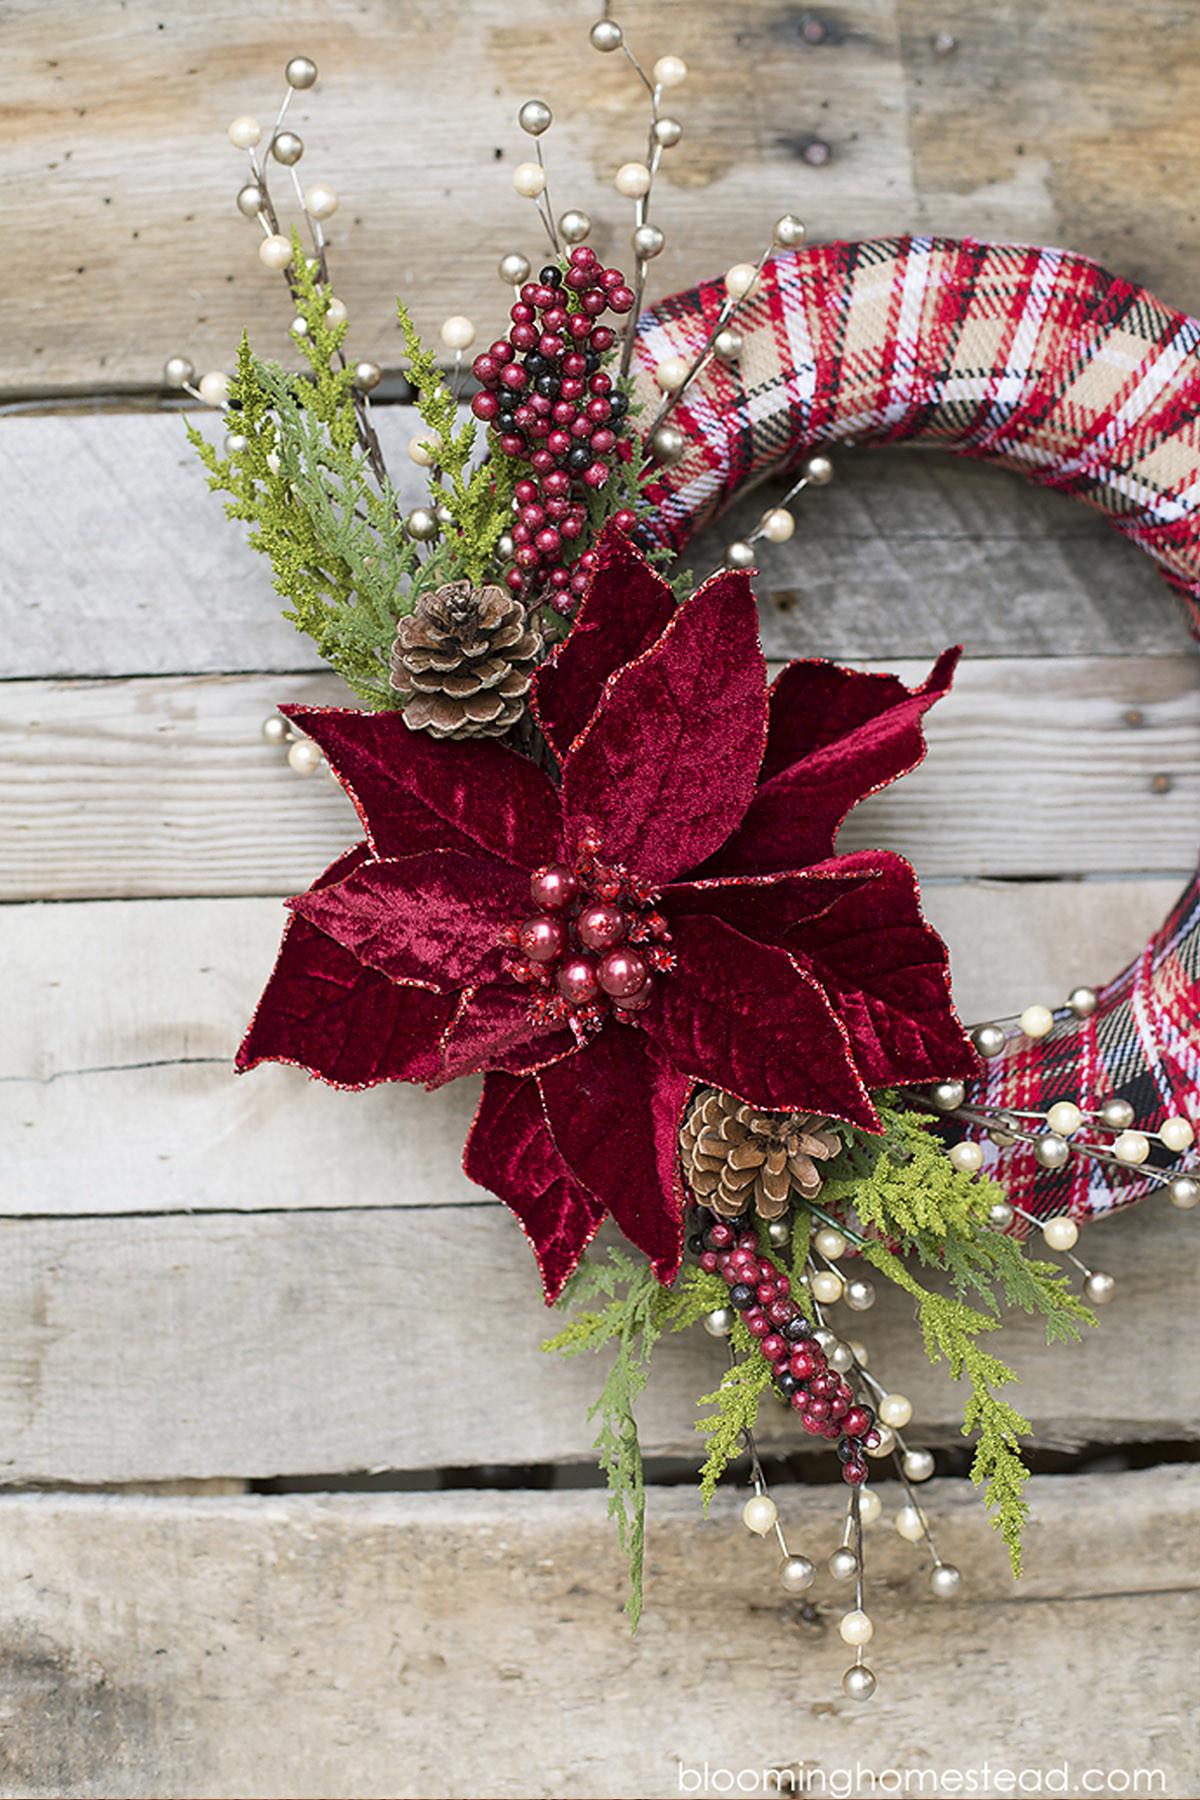 DIY Christmas Wreath Ideas  40 DIY Christmas Wreath Ideas How To Make a Homemade